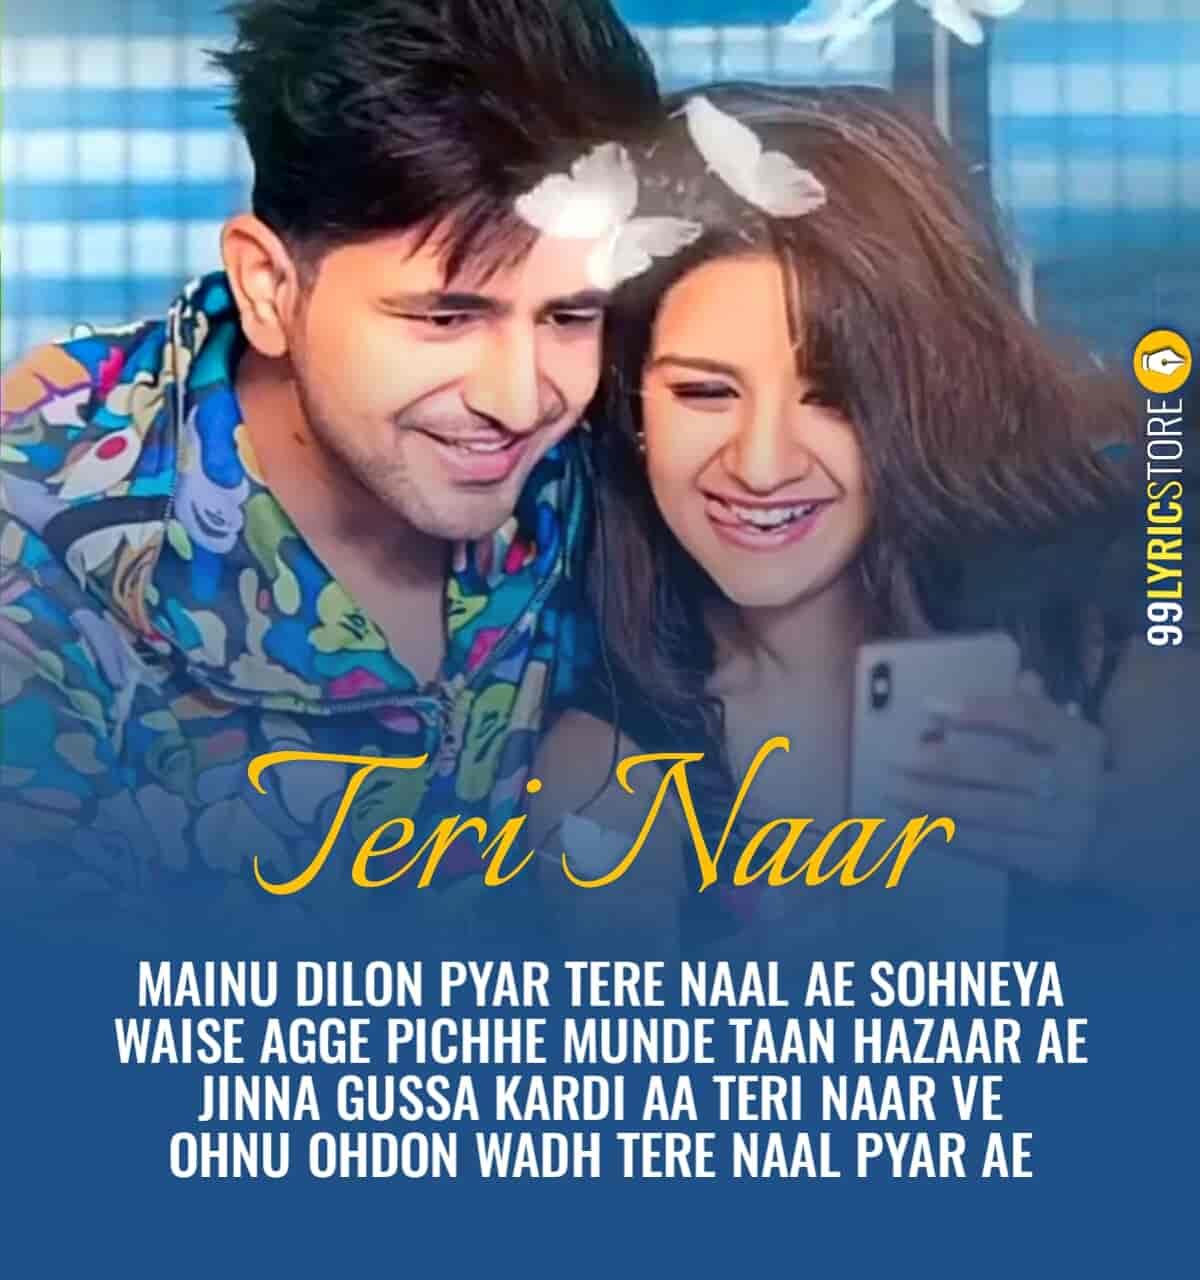 Teri Naar Nikk & Avneet Kaur Song Images